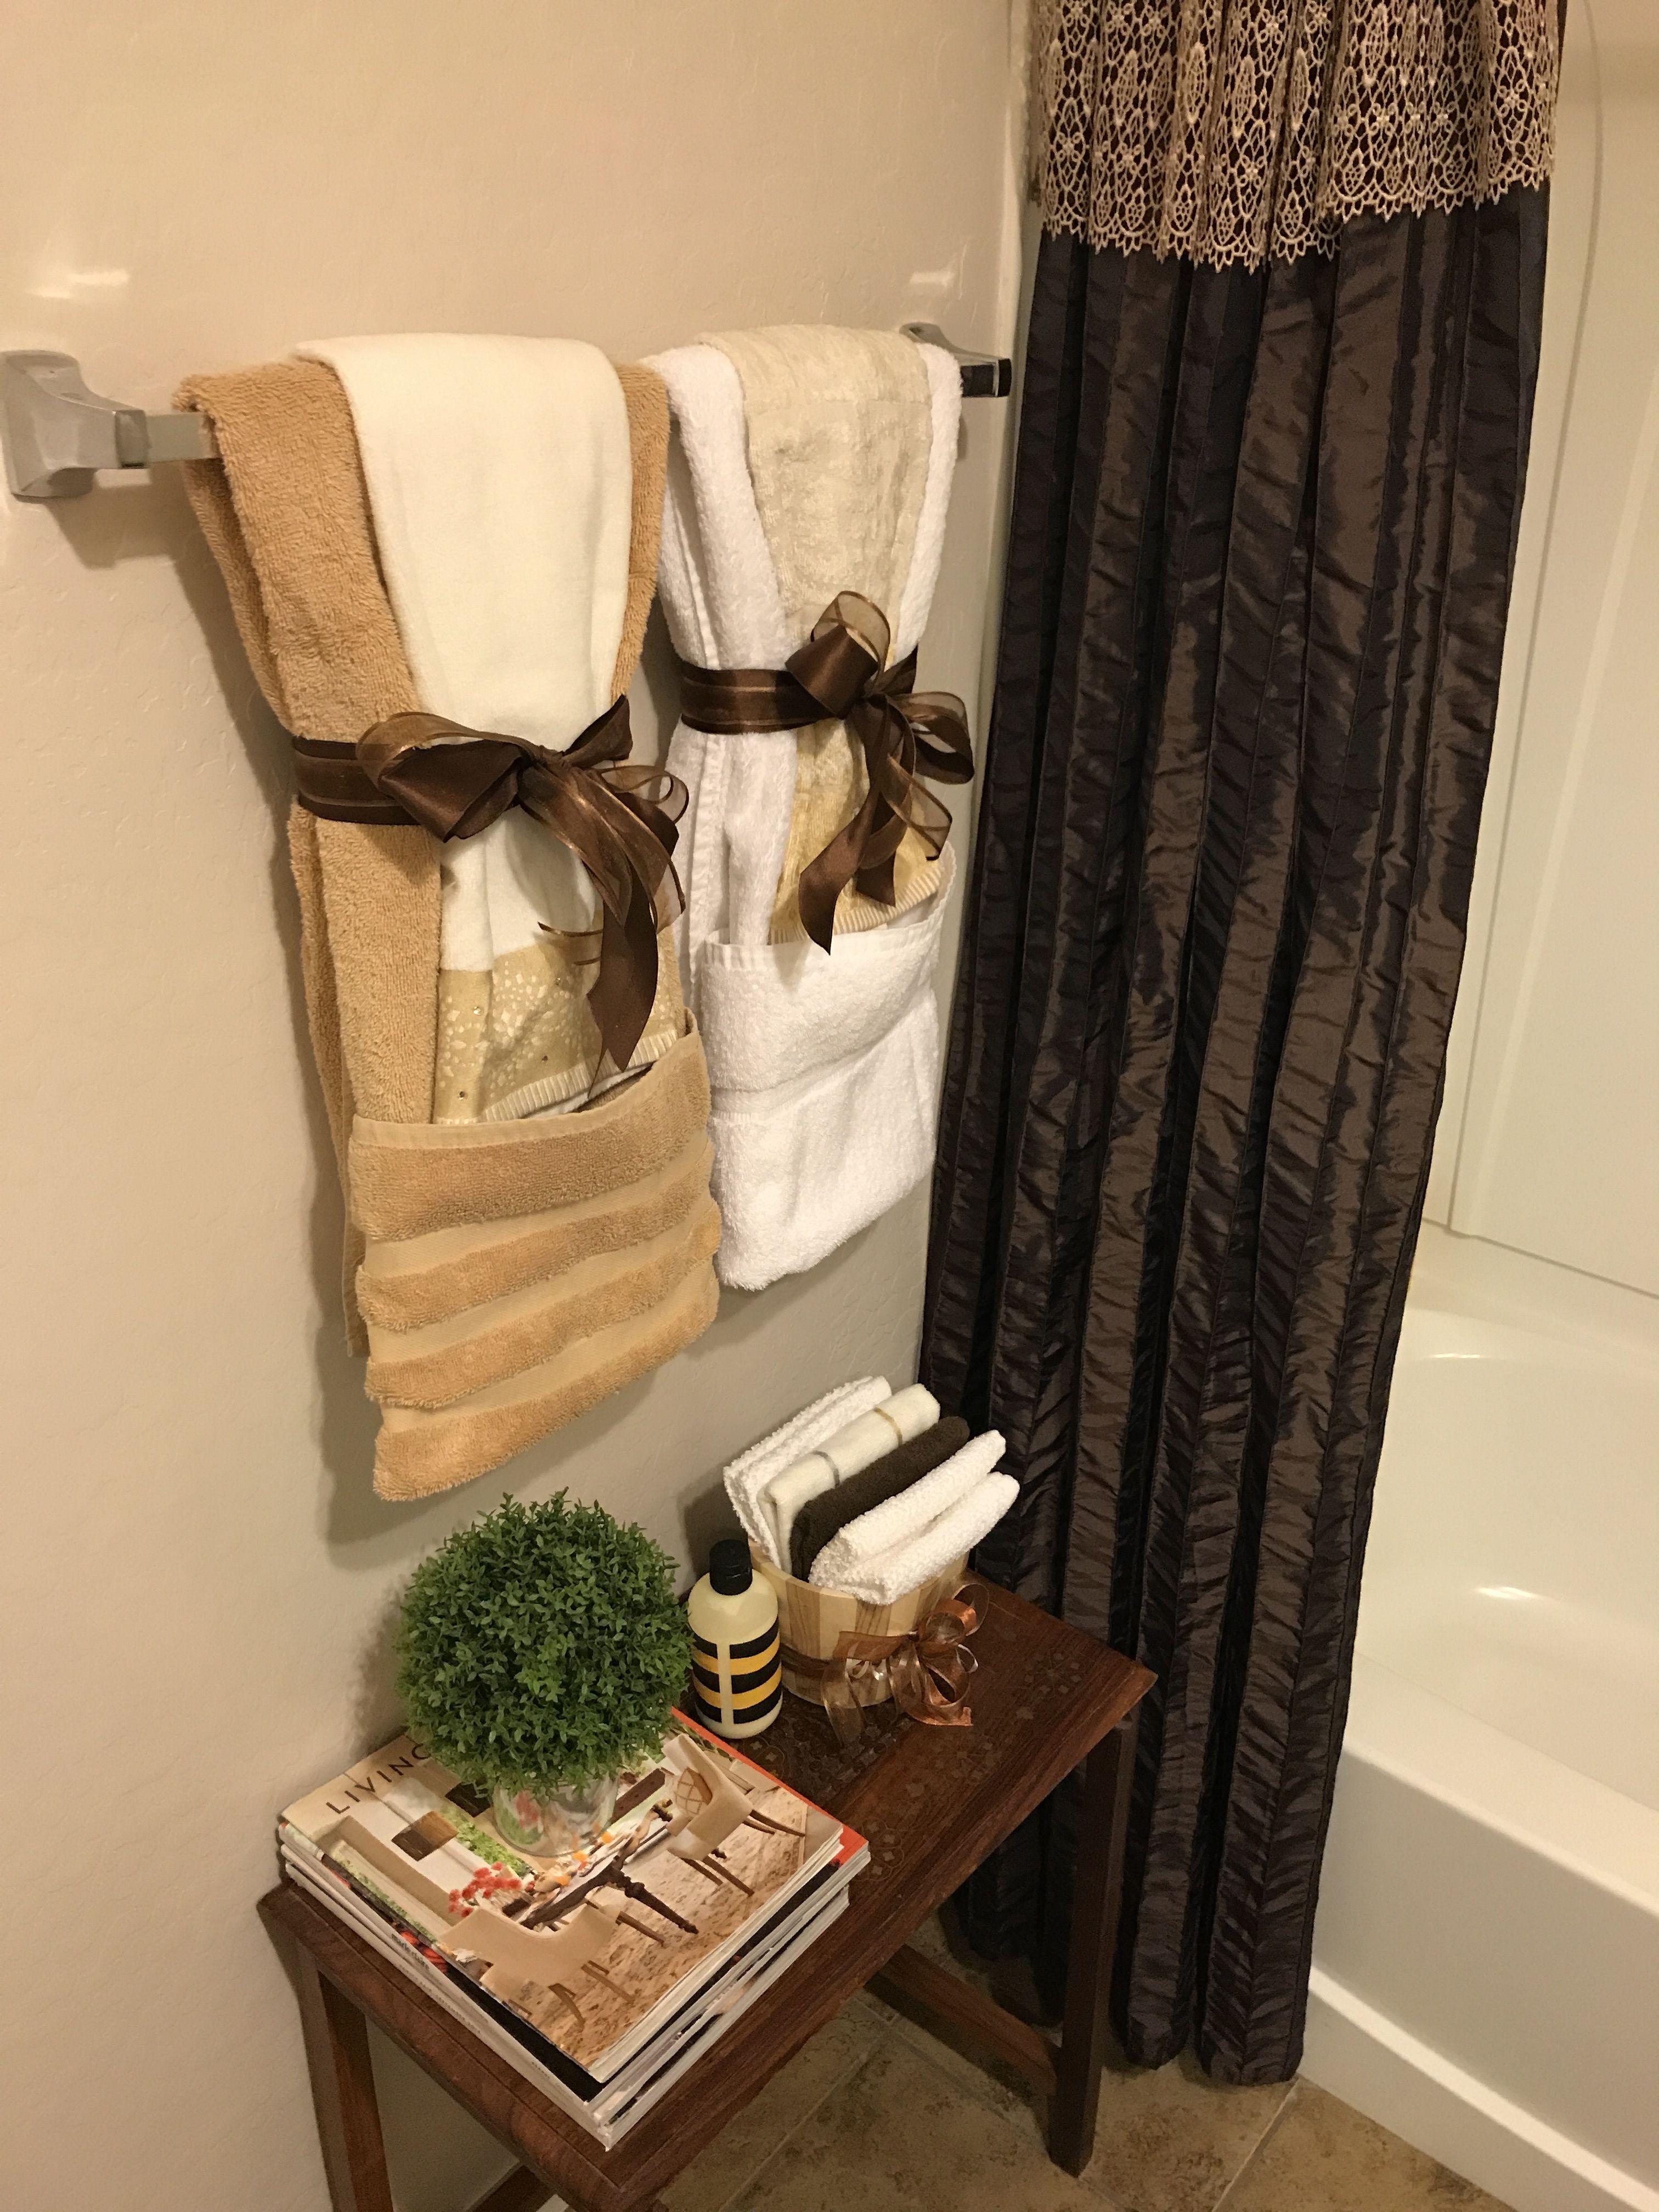 Pin by judy bautista on Bathroom   Bathroom towels ...